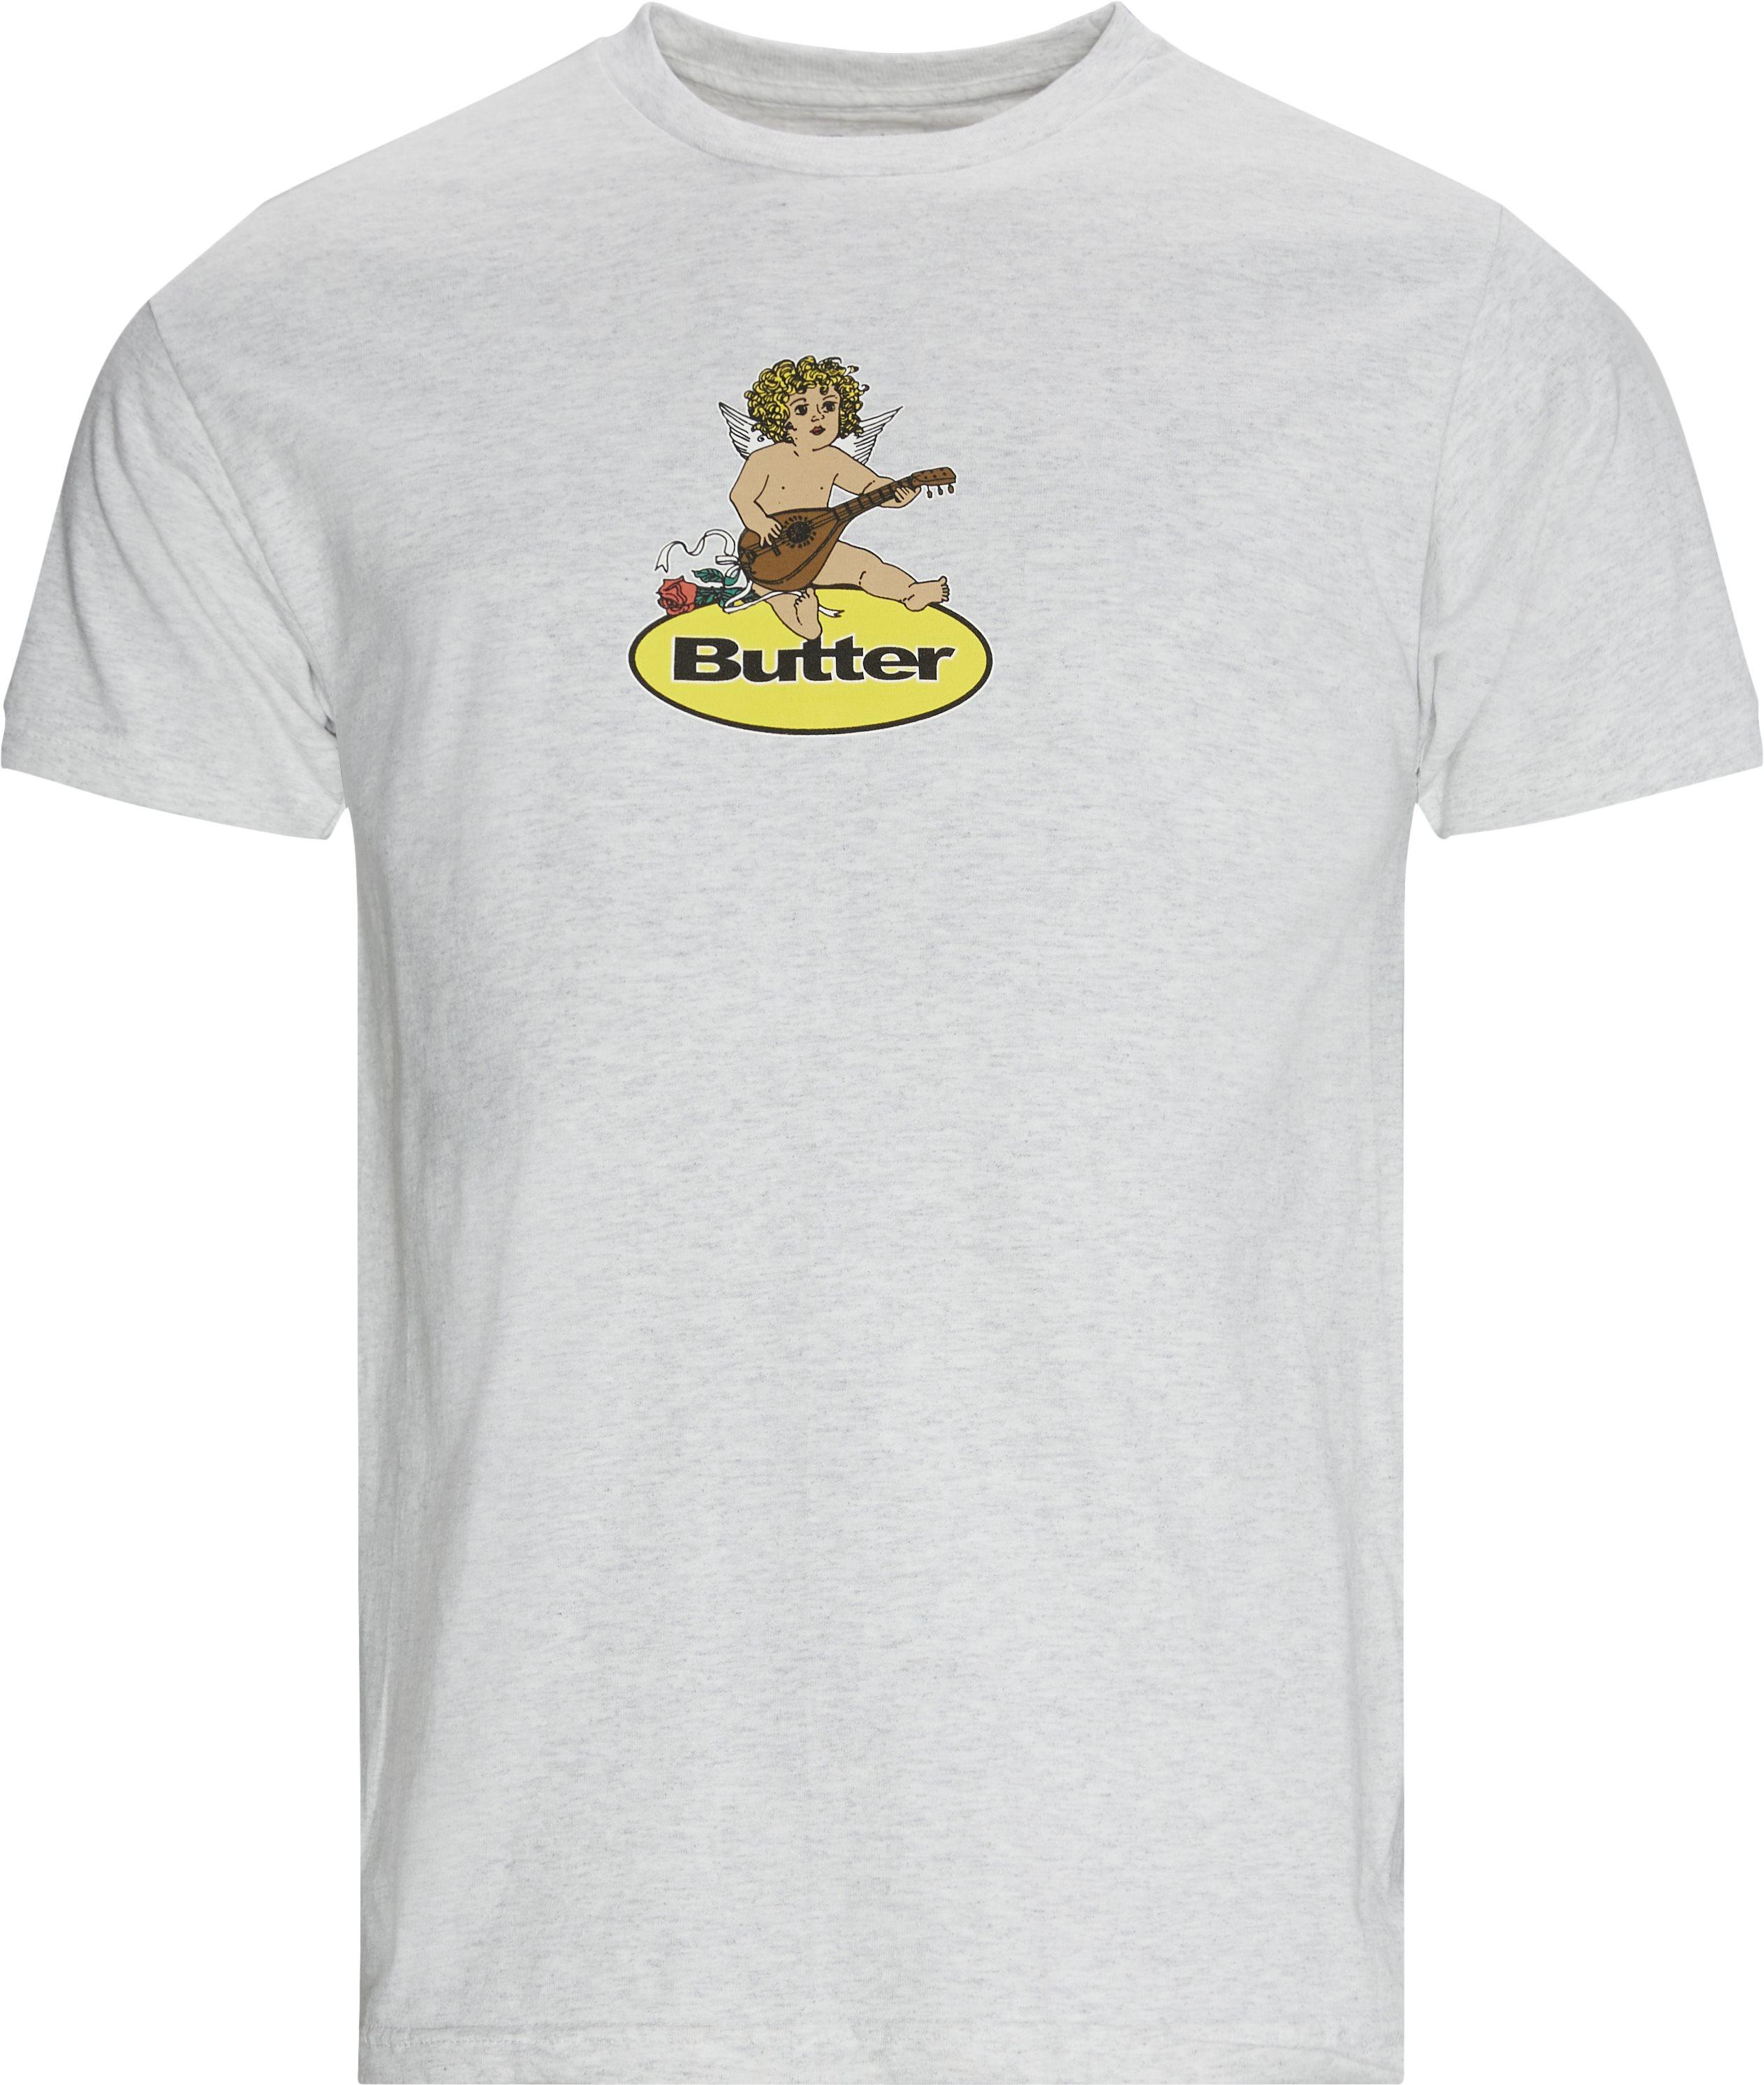 Angel Badge Tee - T-shirts - Regular - Grey